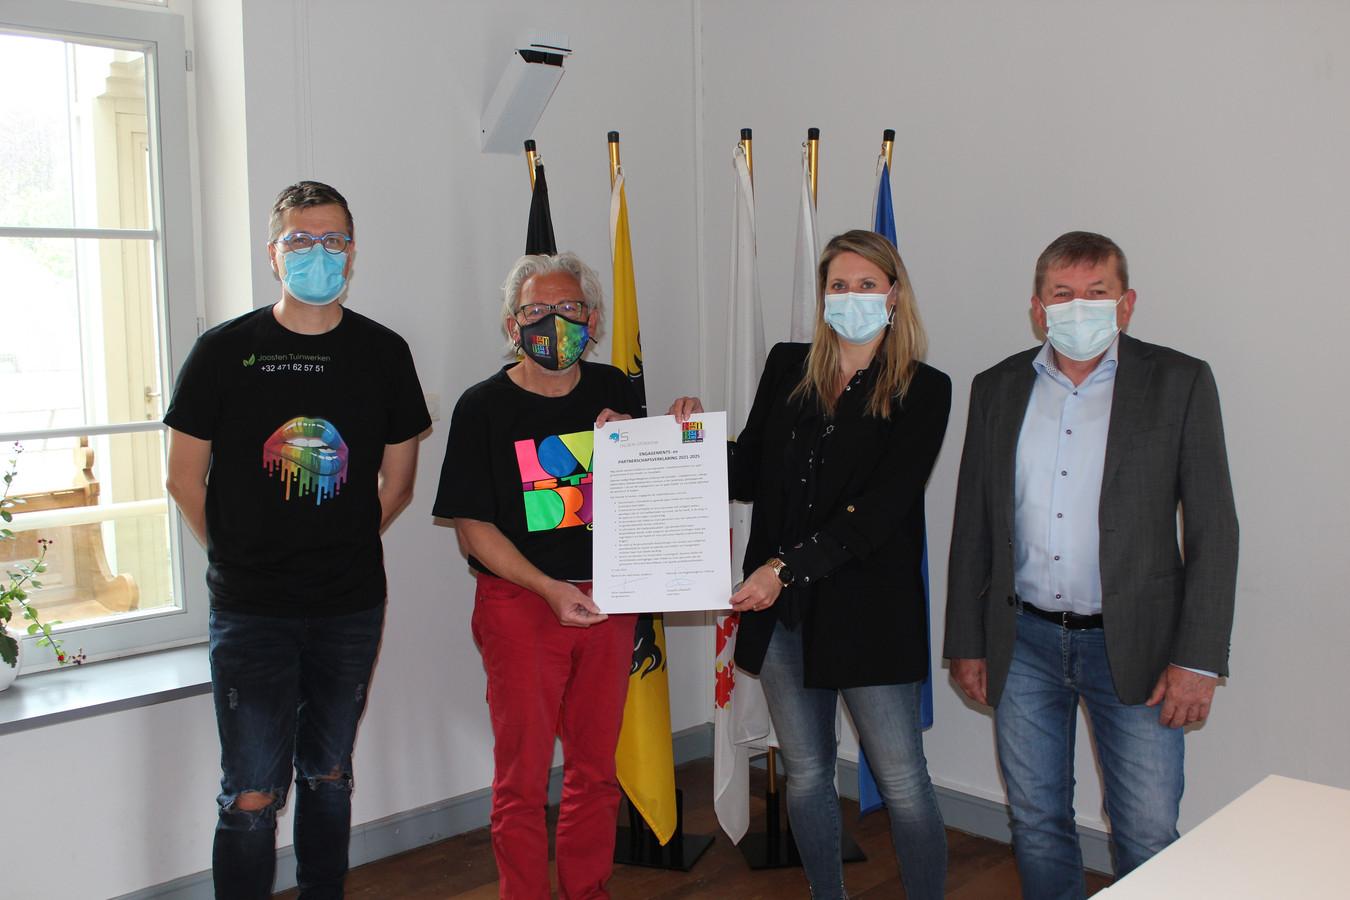 Dennie Scheepers van Kiss of Colour en Leopold Lindelauff, voorzitter Regenbooghuis Limburg gingen op de foto met burgemeester Sofie Vandeweerd en schepen Mathieu Schurgers.